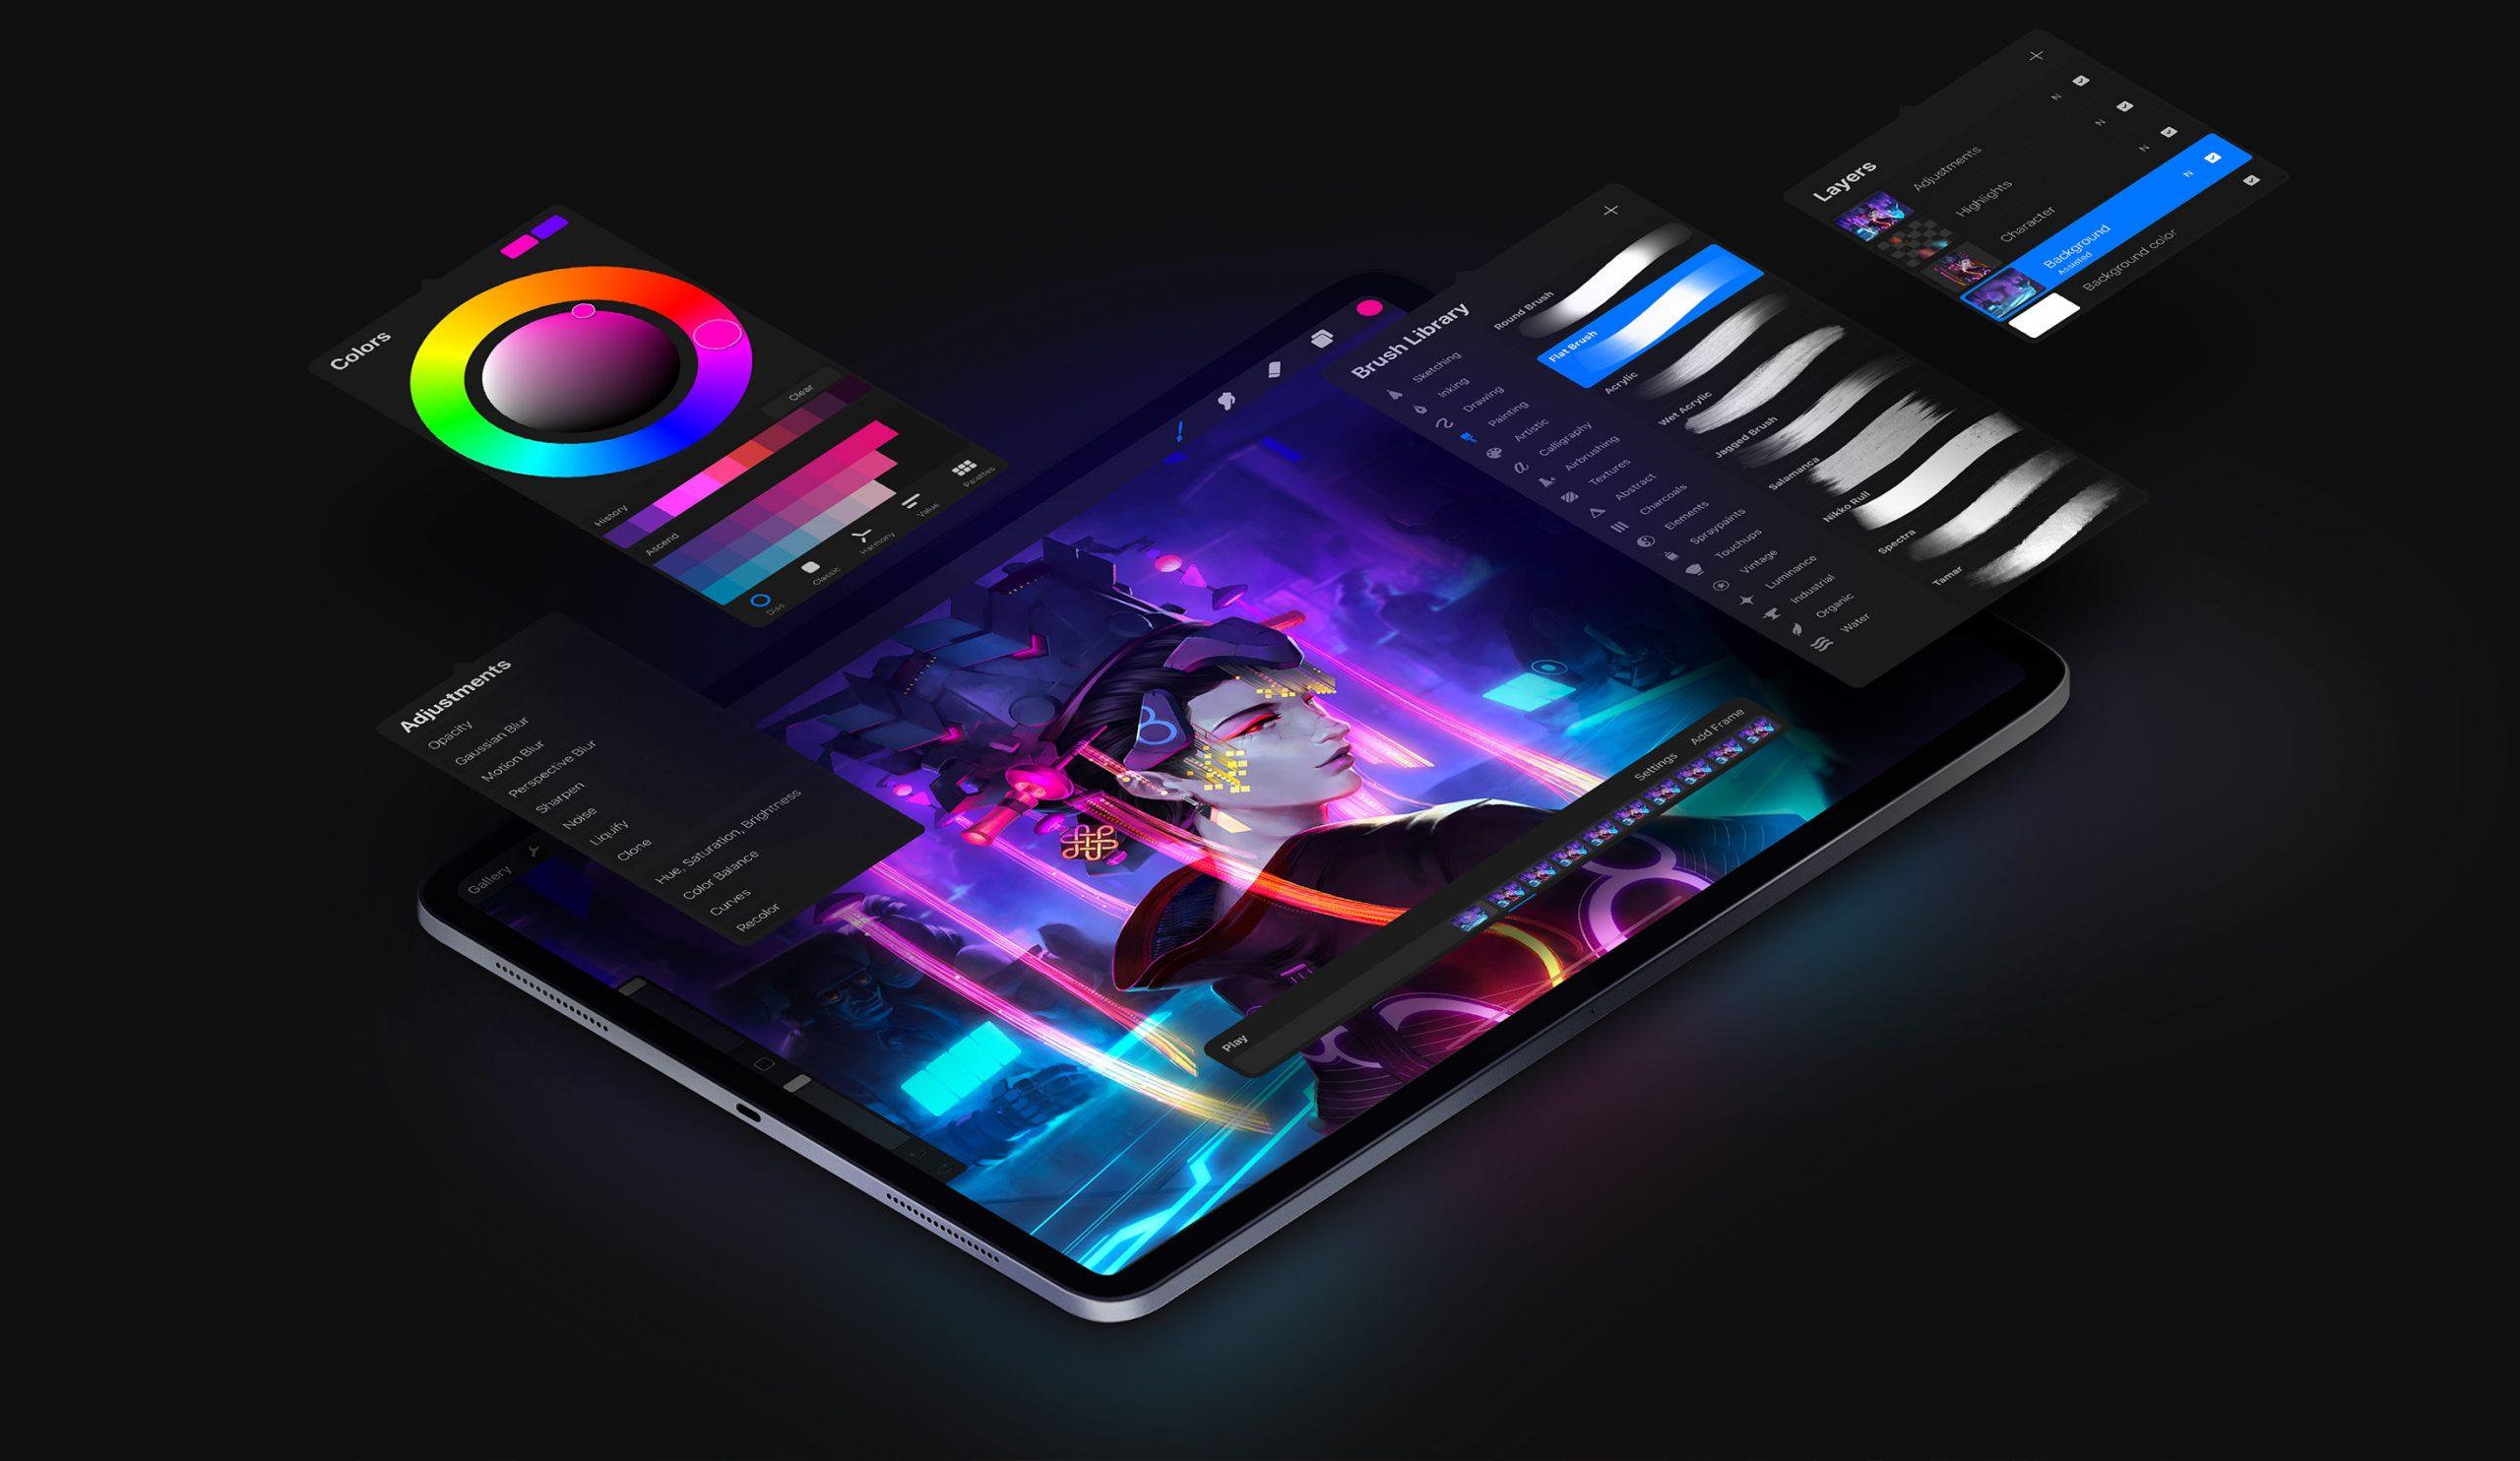 ugaltzeko 5 ofizialki iPad-en.  Hau da marrazki aplikaziorik onena